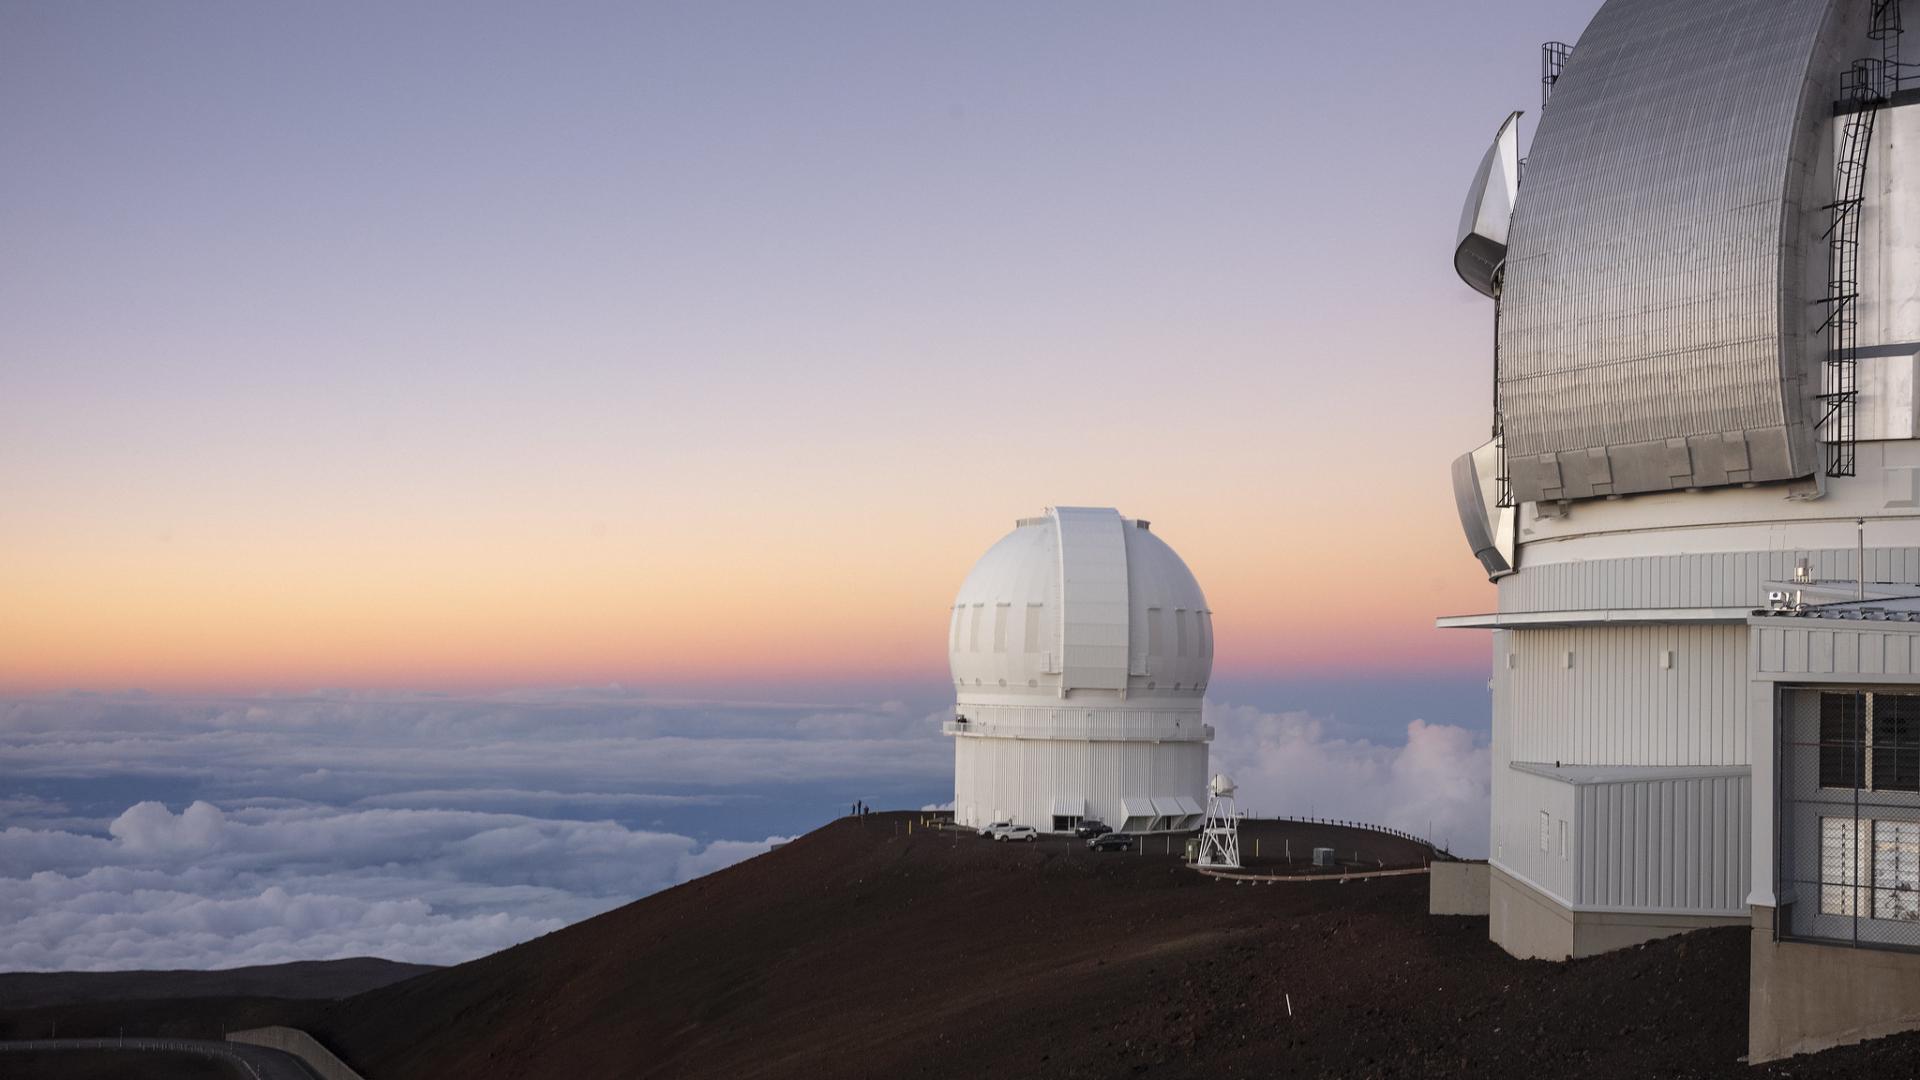 ¿Por qué sabemos que el CO2 atmosférico ha aumentado? Observatorio Mauna Loa